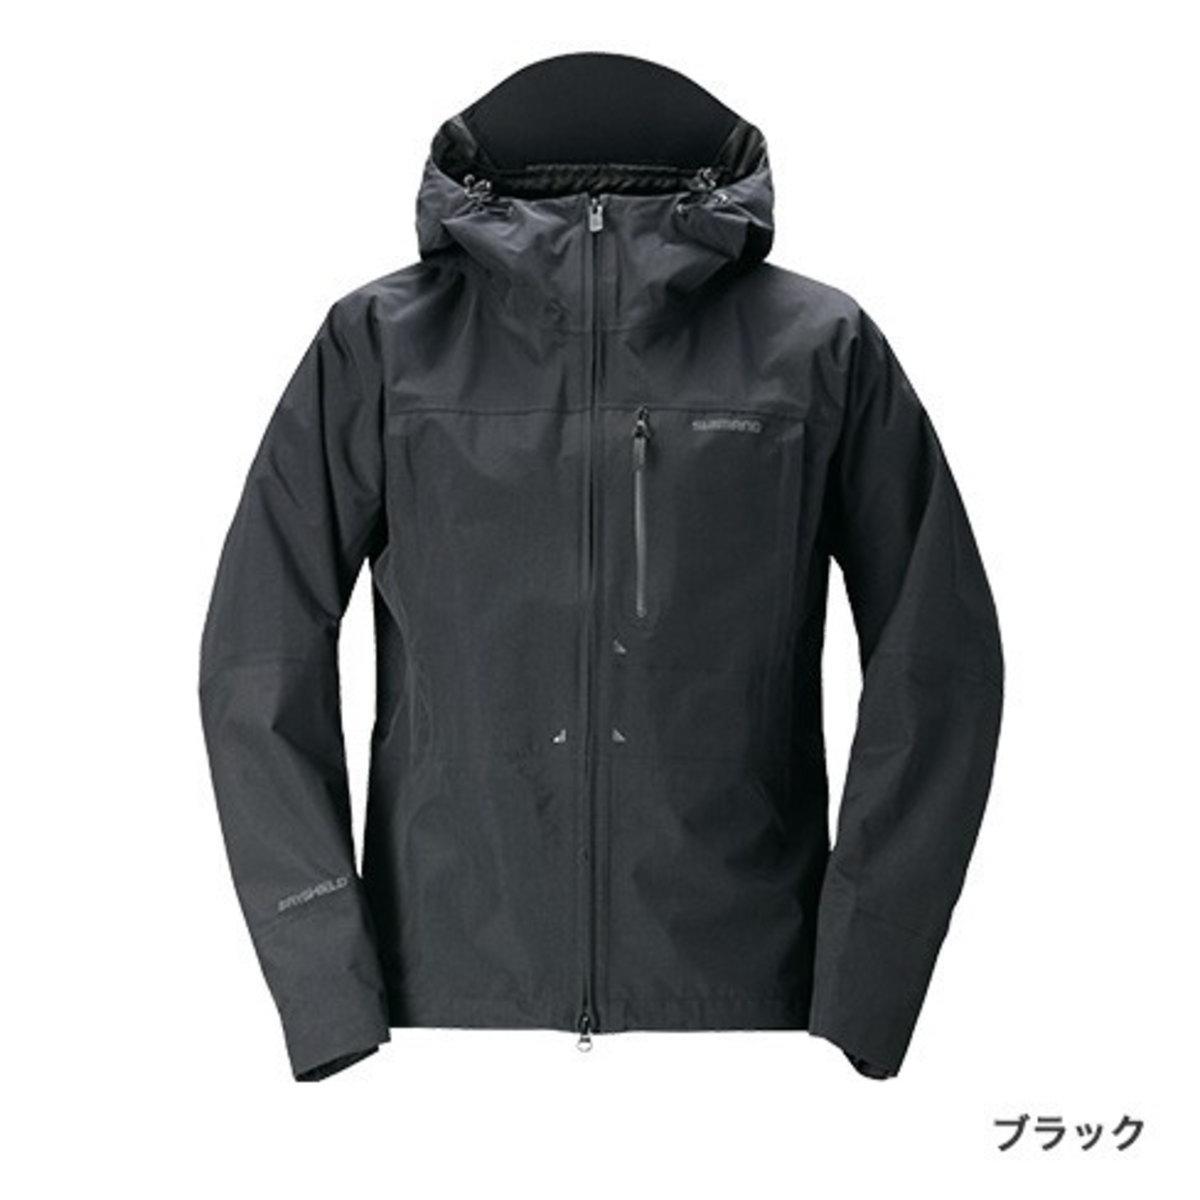 【送料無料4】シマノ DSエクスプローラーレインジャケット RA-04JT ブラック 2XL